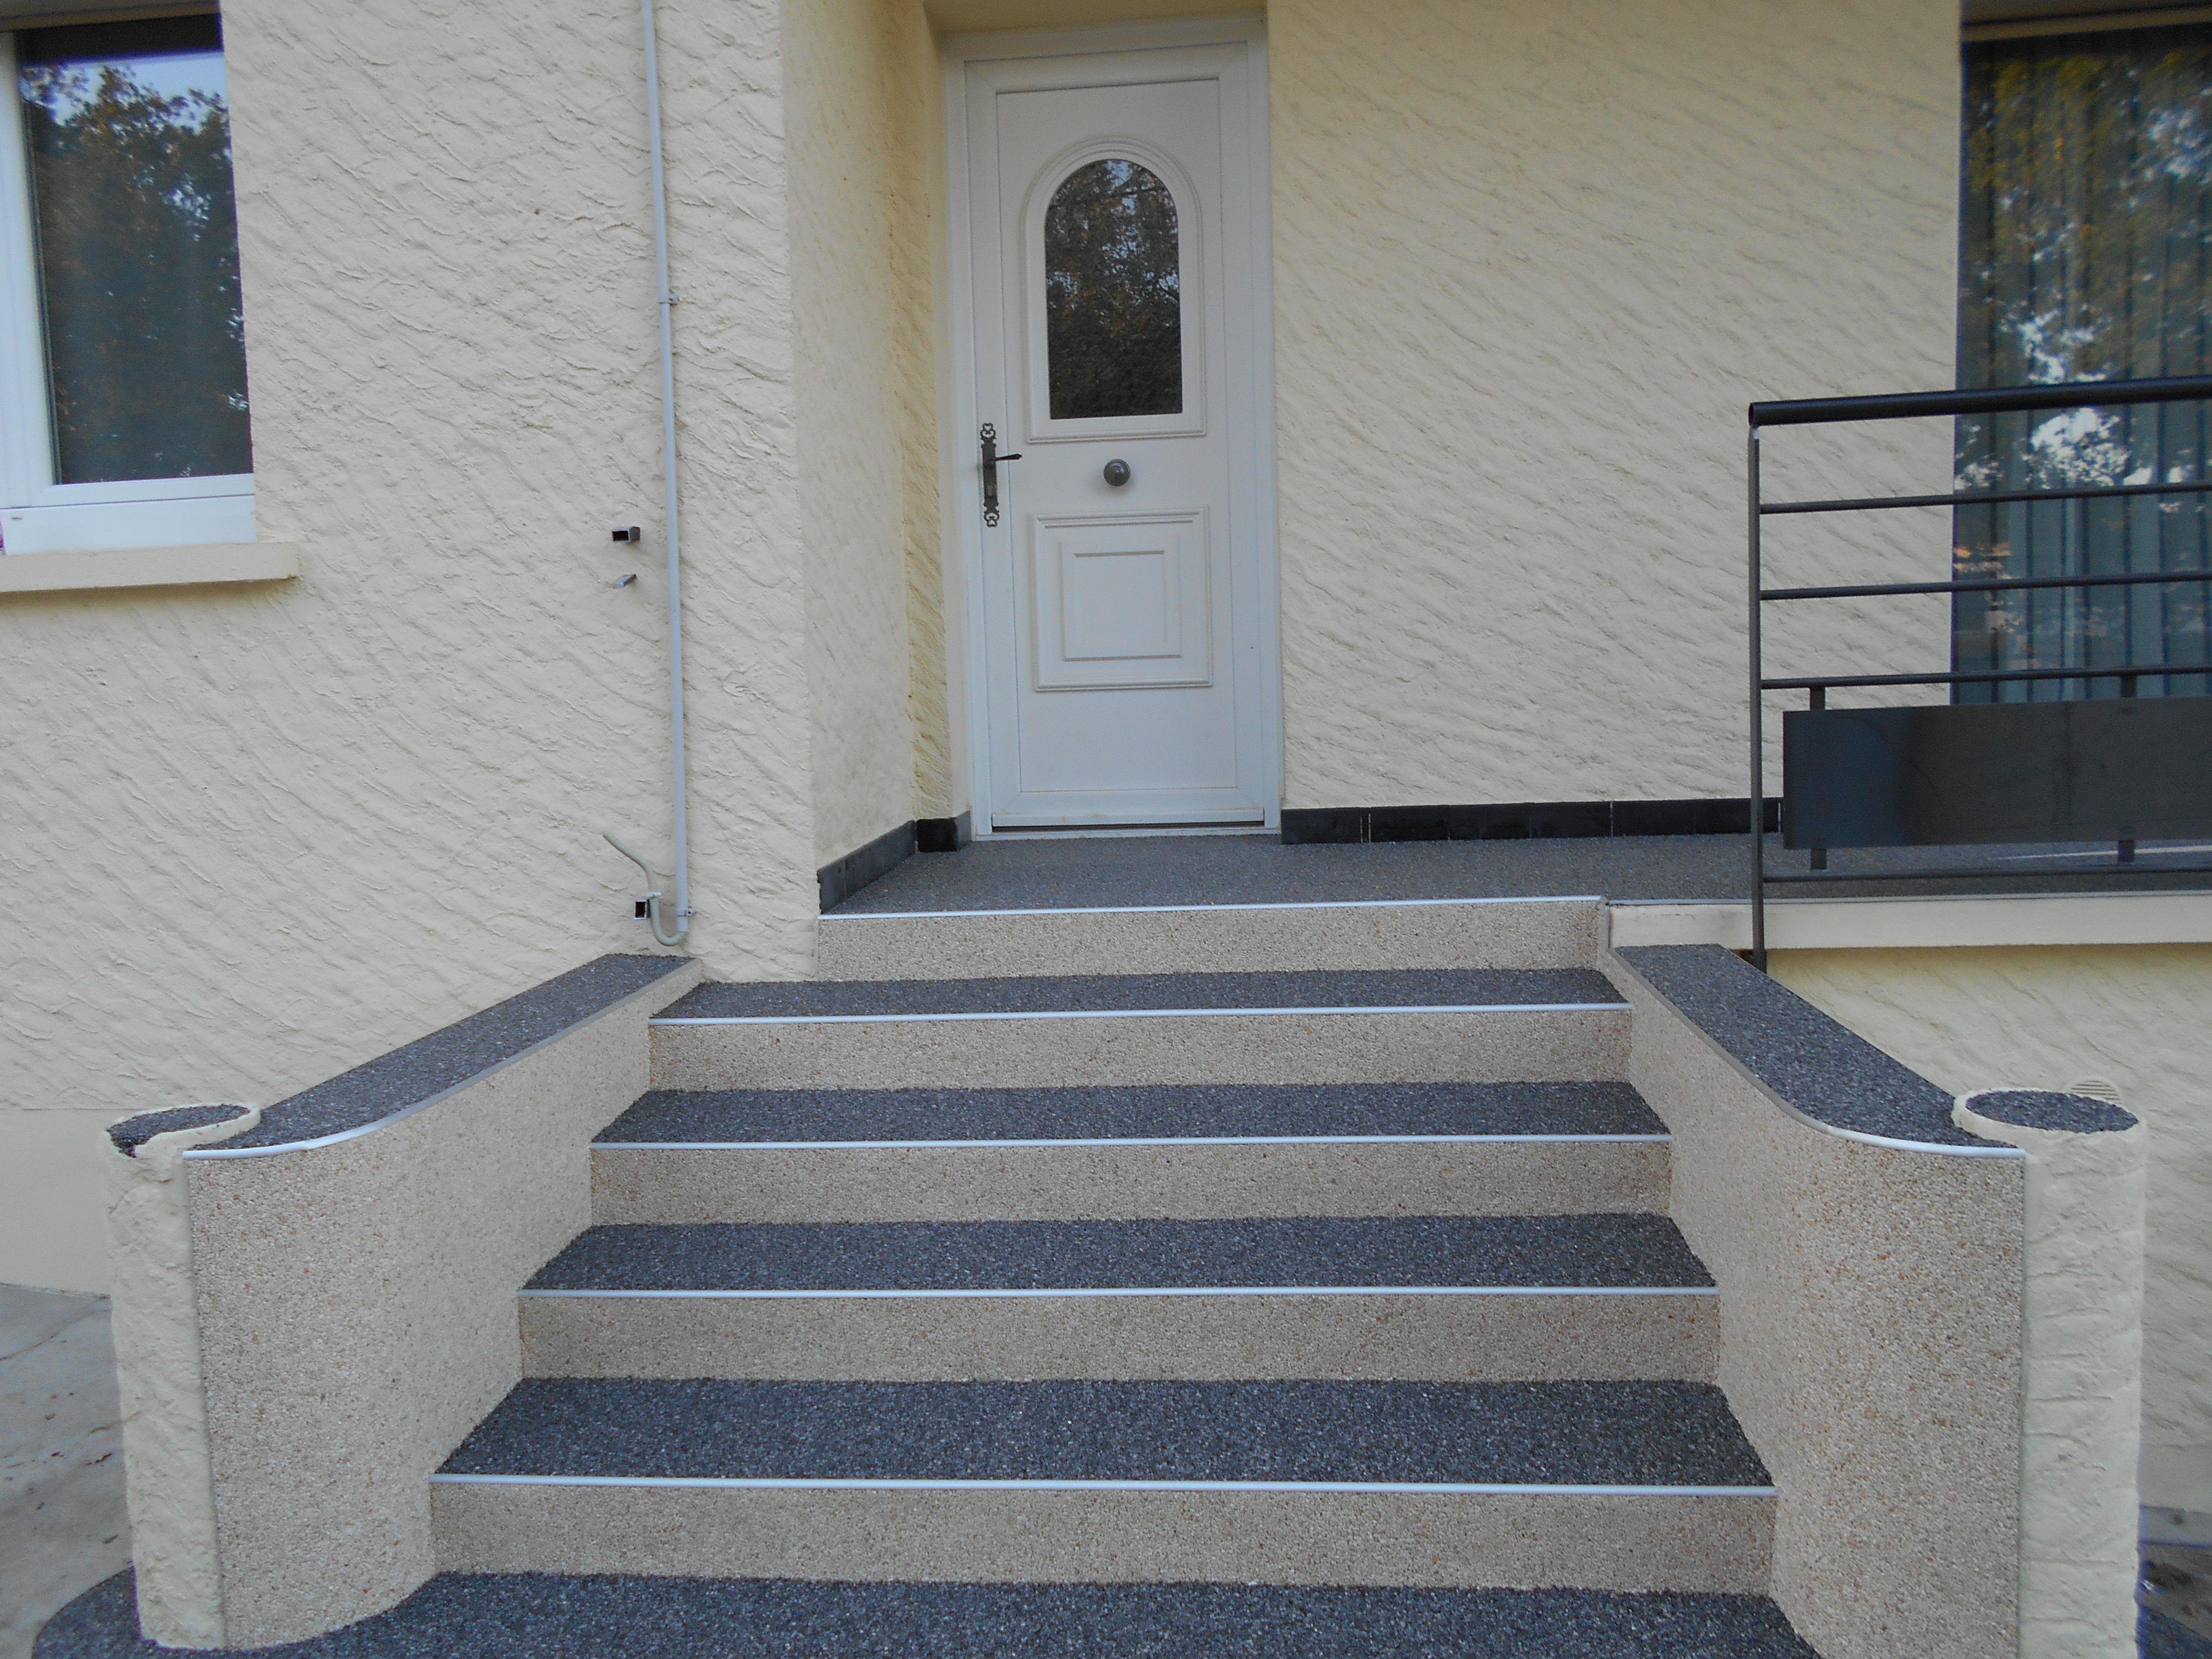 Escalier Fleurance